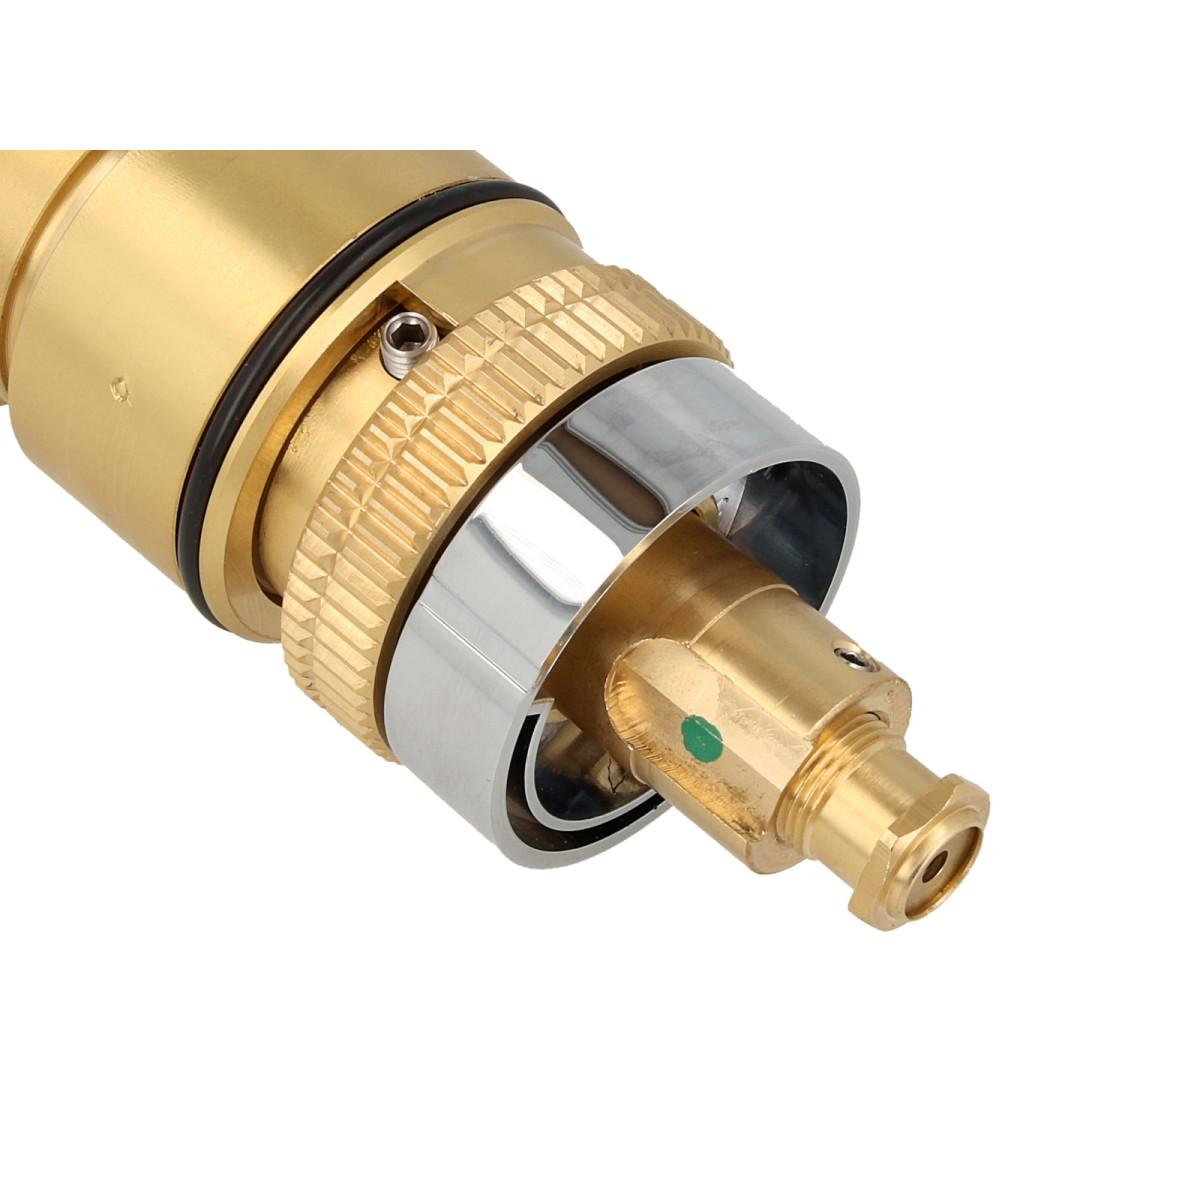 HANSA Temperaturregeleinheit Hansamat//Hansavario 59904501 inkl Adapter 59911514